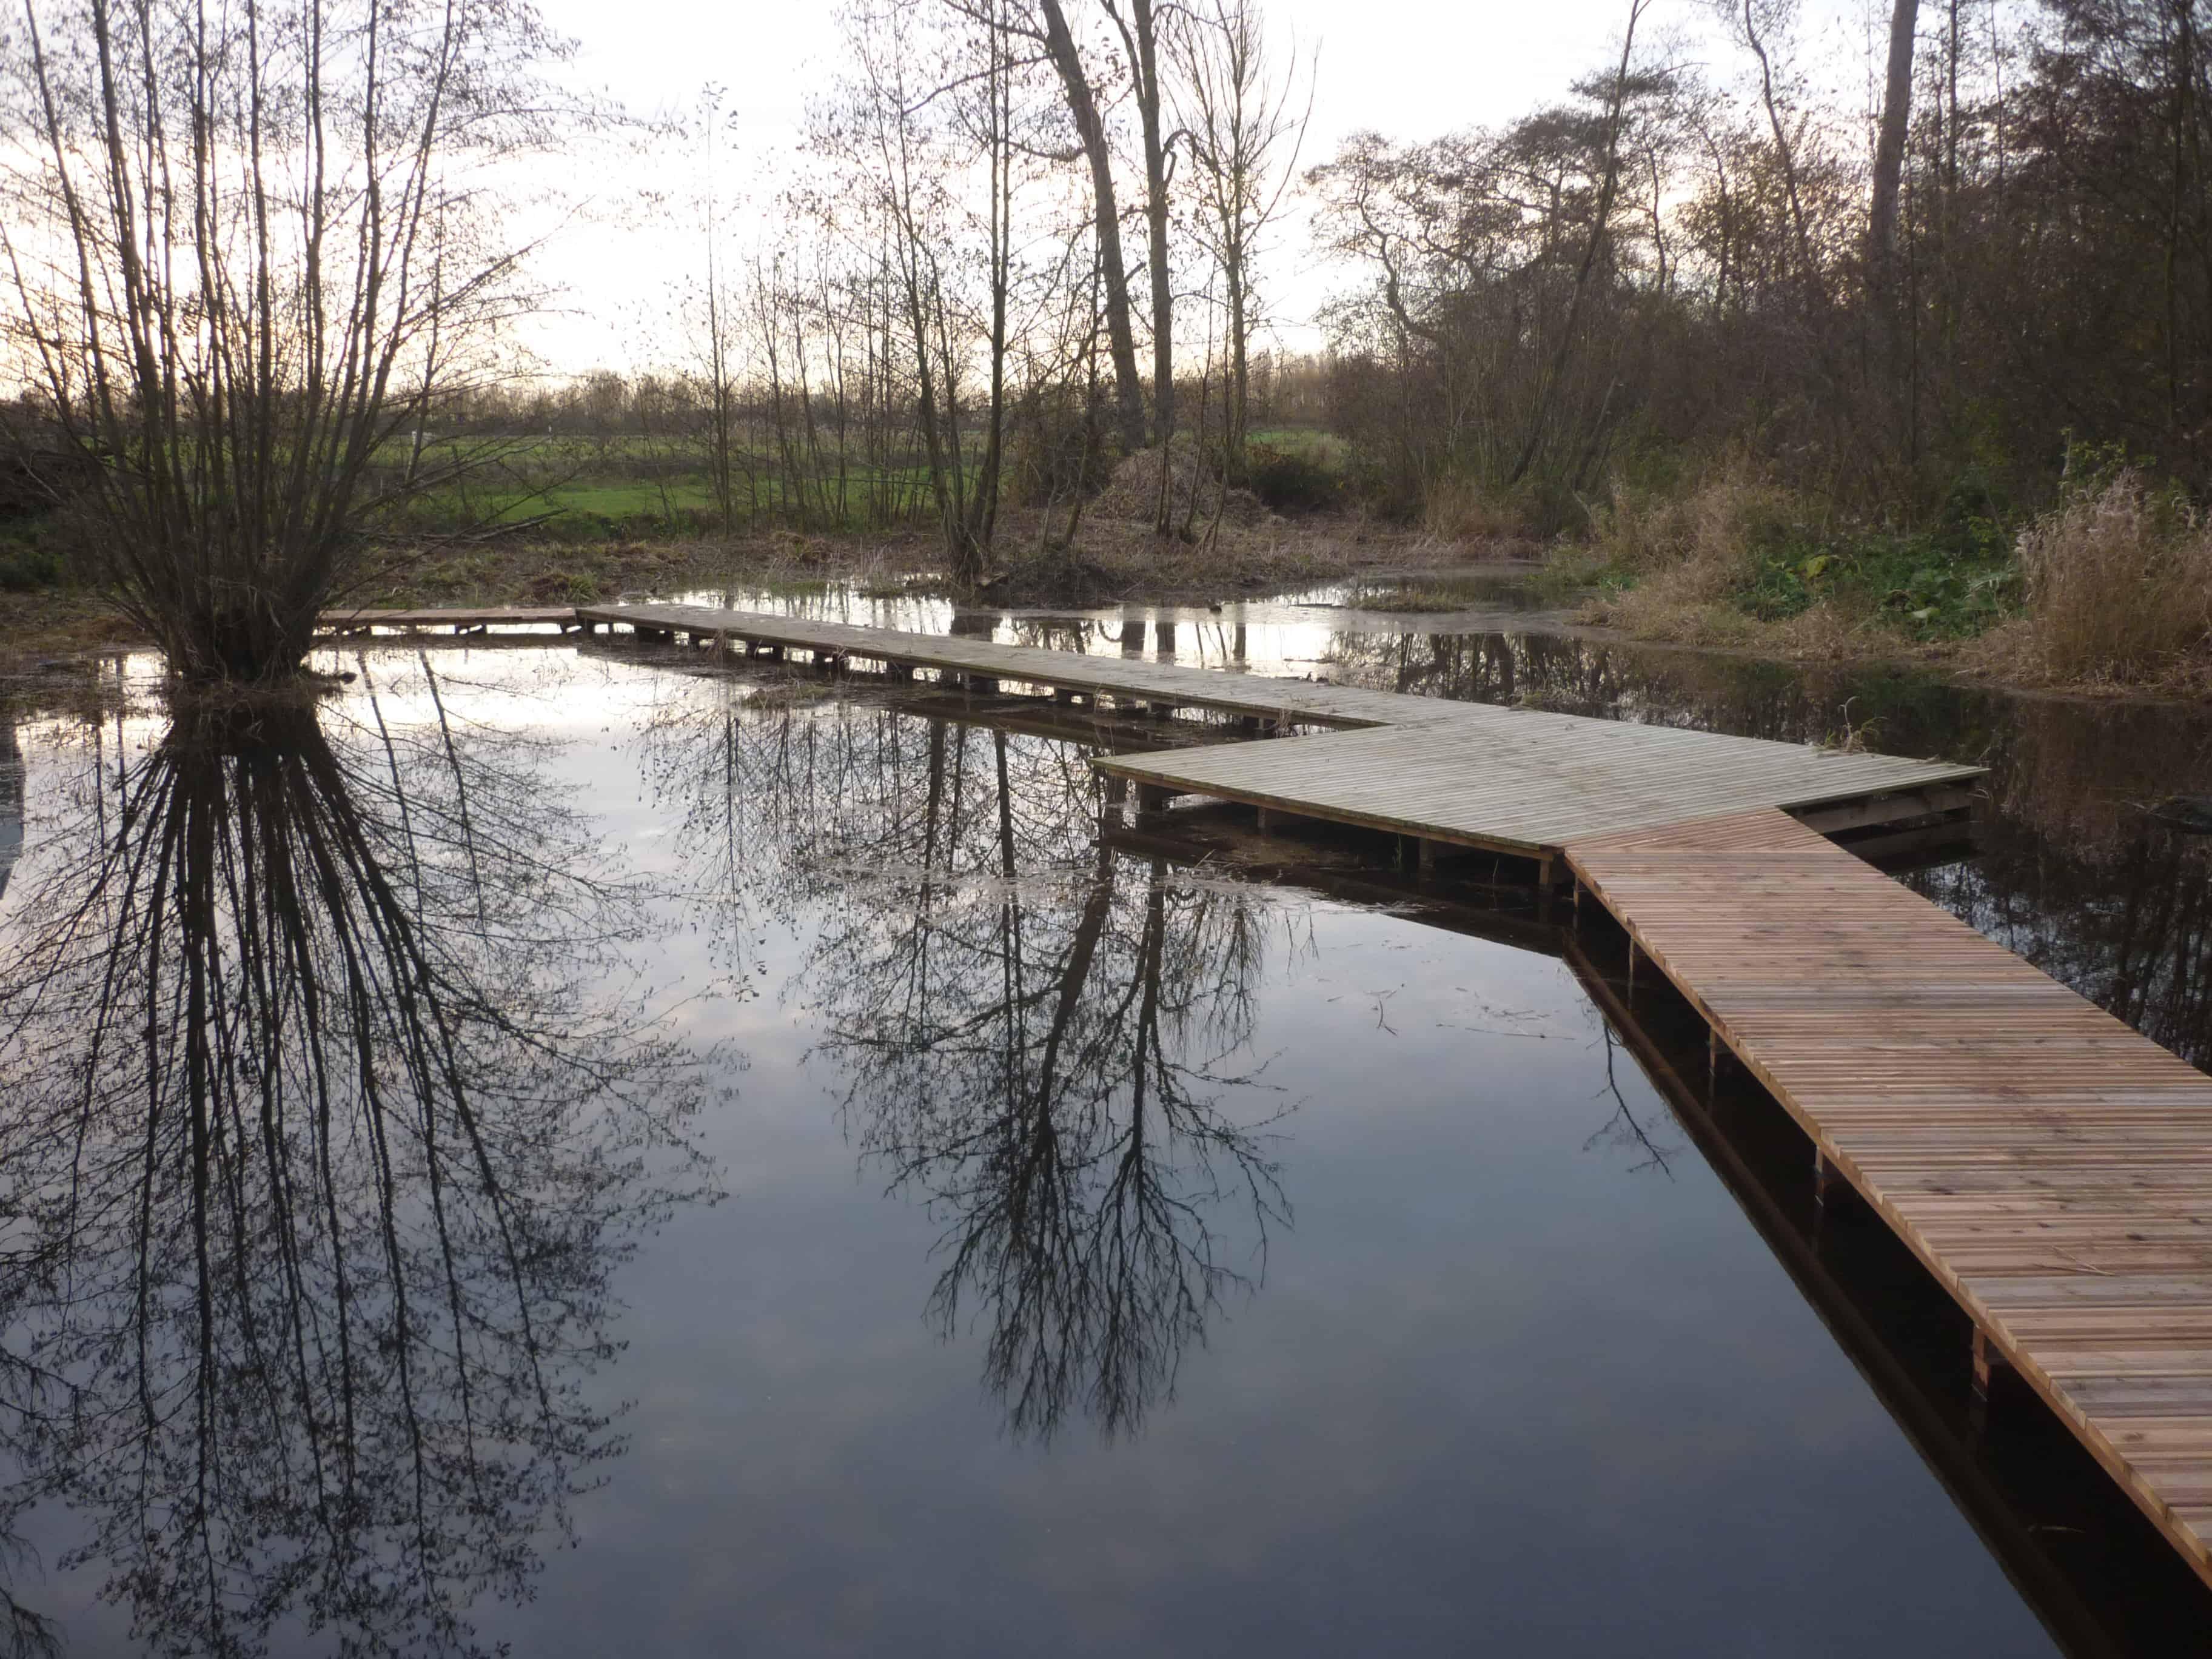 ponton bois Pin, Acacia, Ipe, Jatoba, Massaranduba, Cumaru eau etang